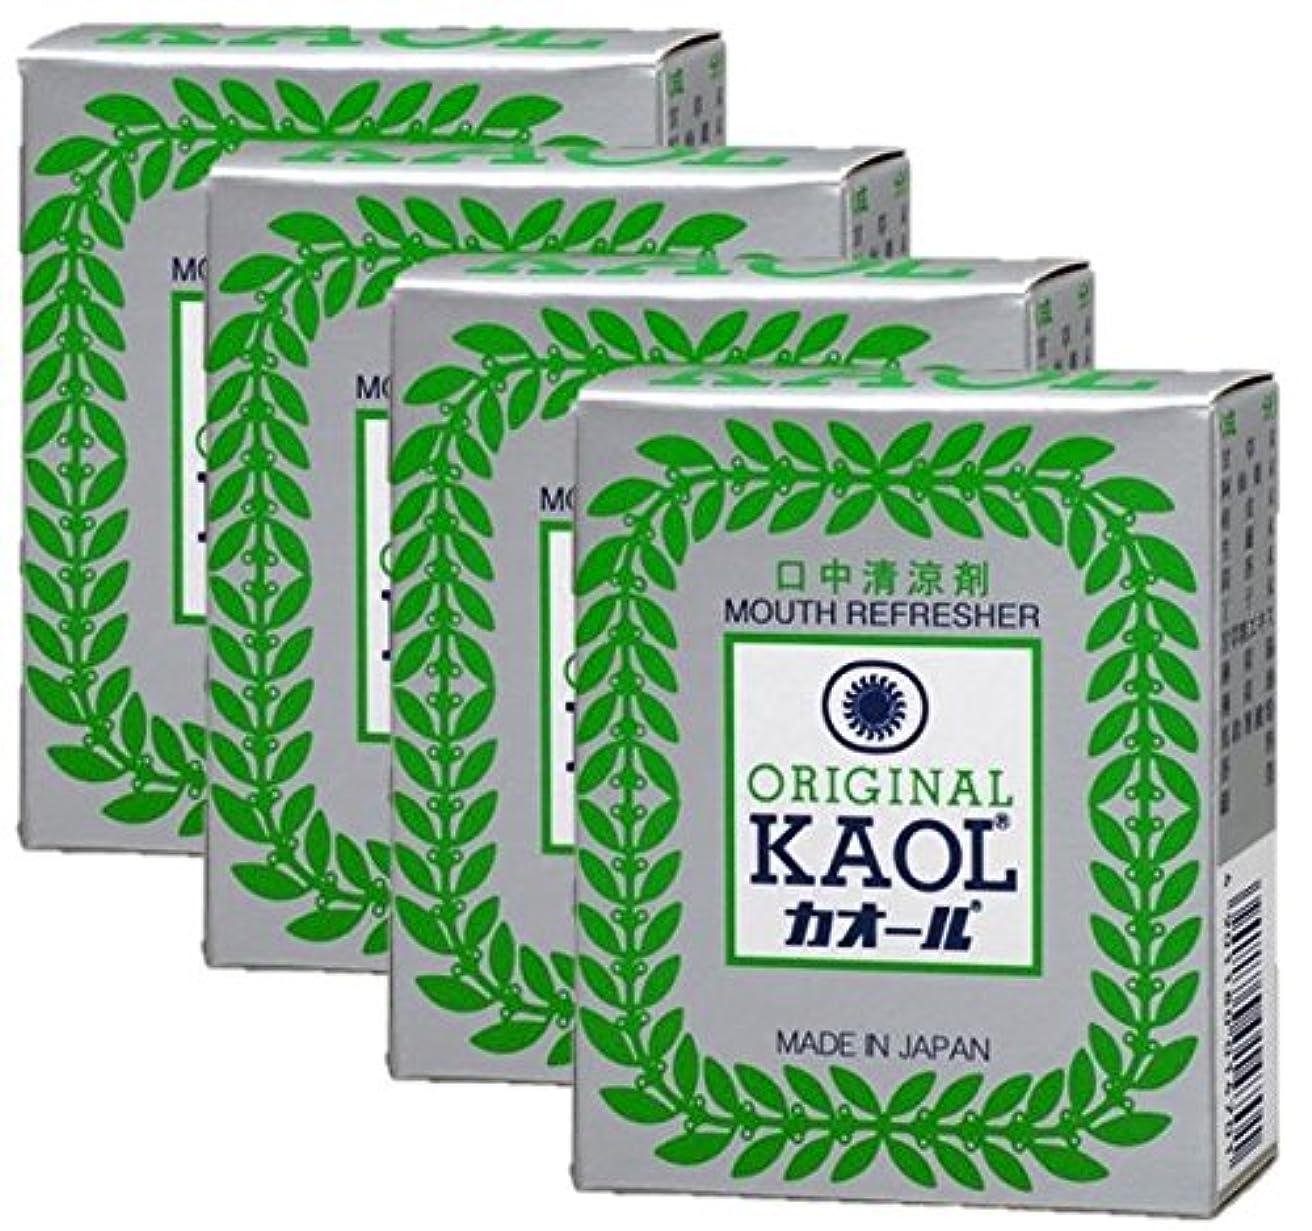 隠す民間人内部口中清涼剤 オリヂナル カオール 14.5g×4個セット